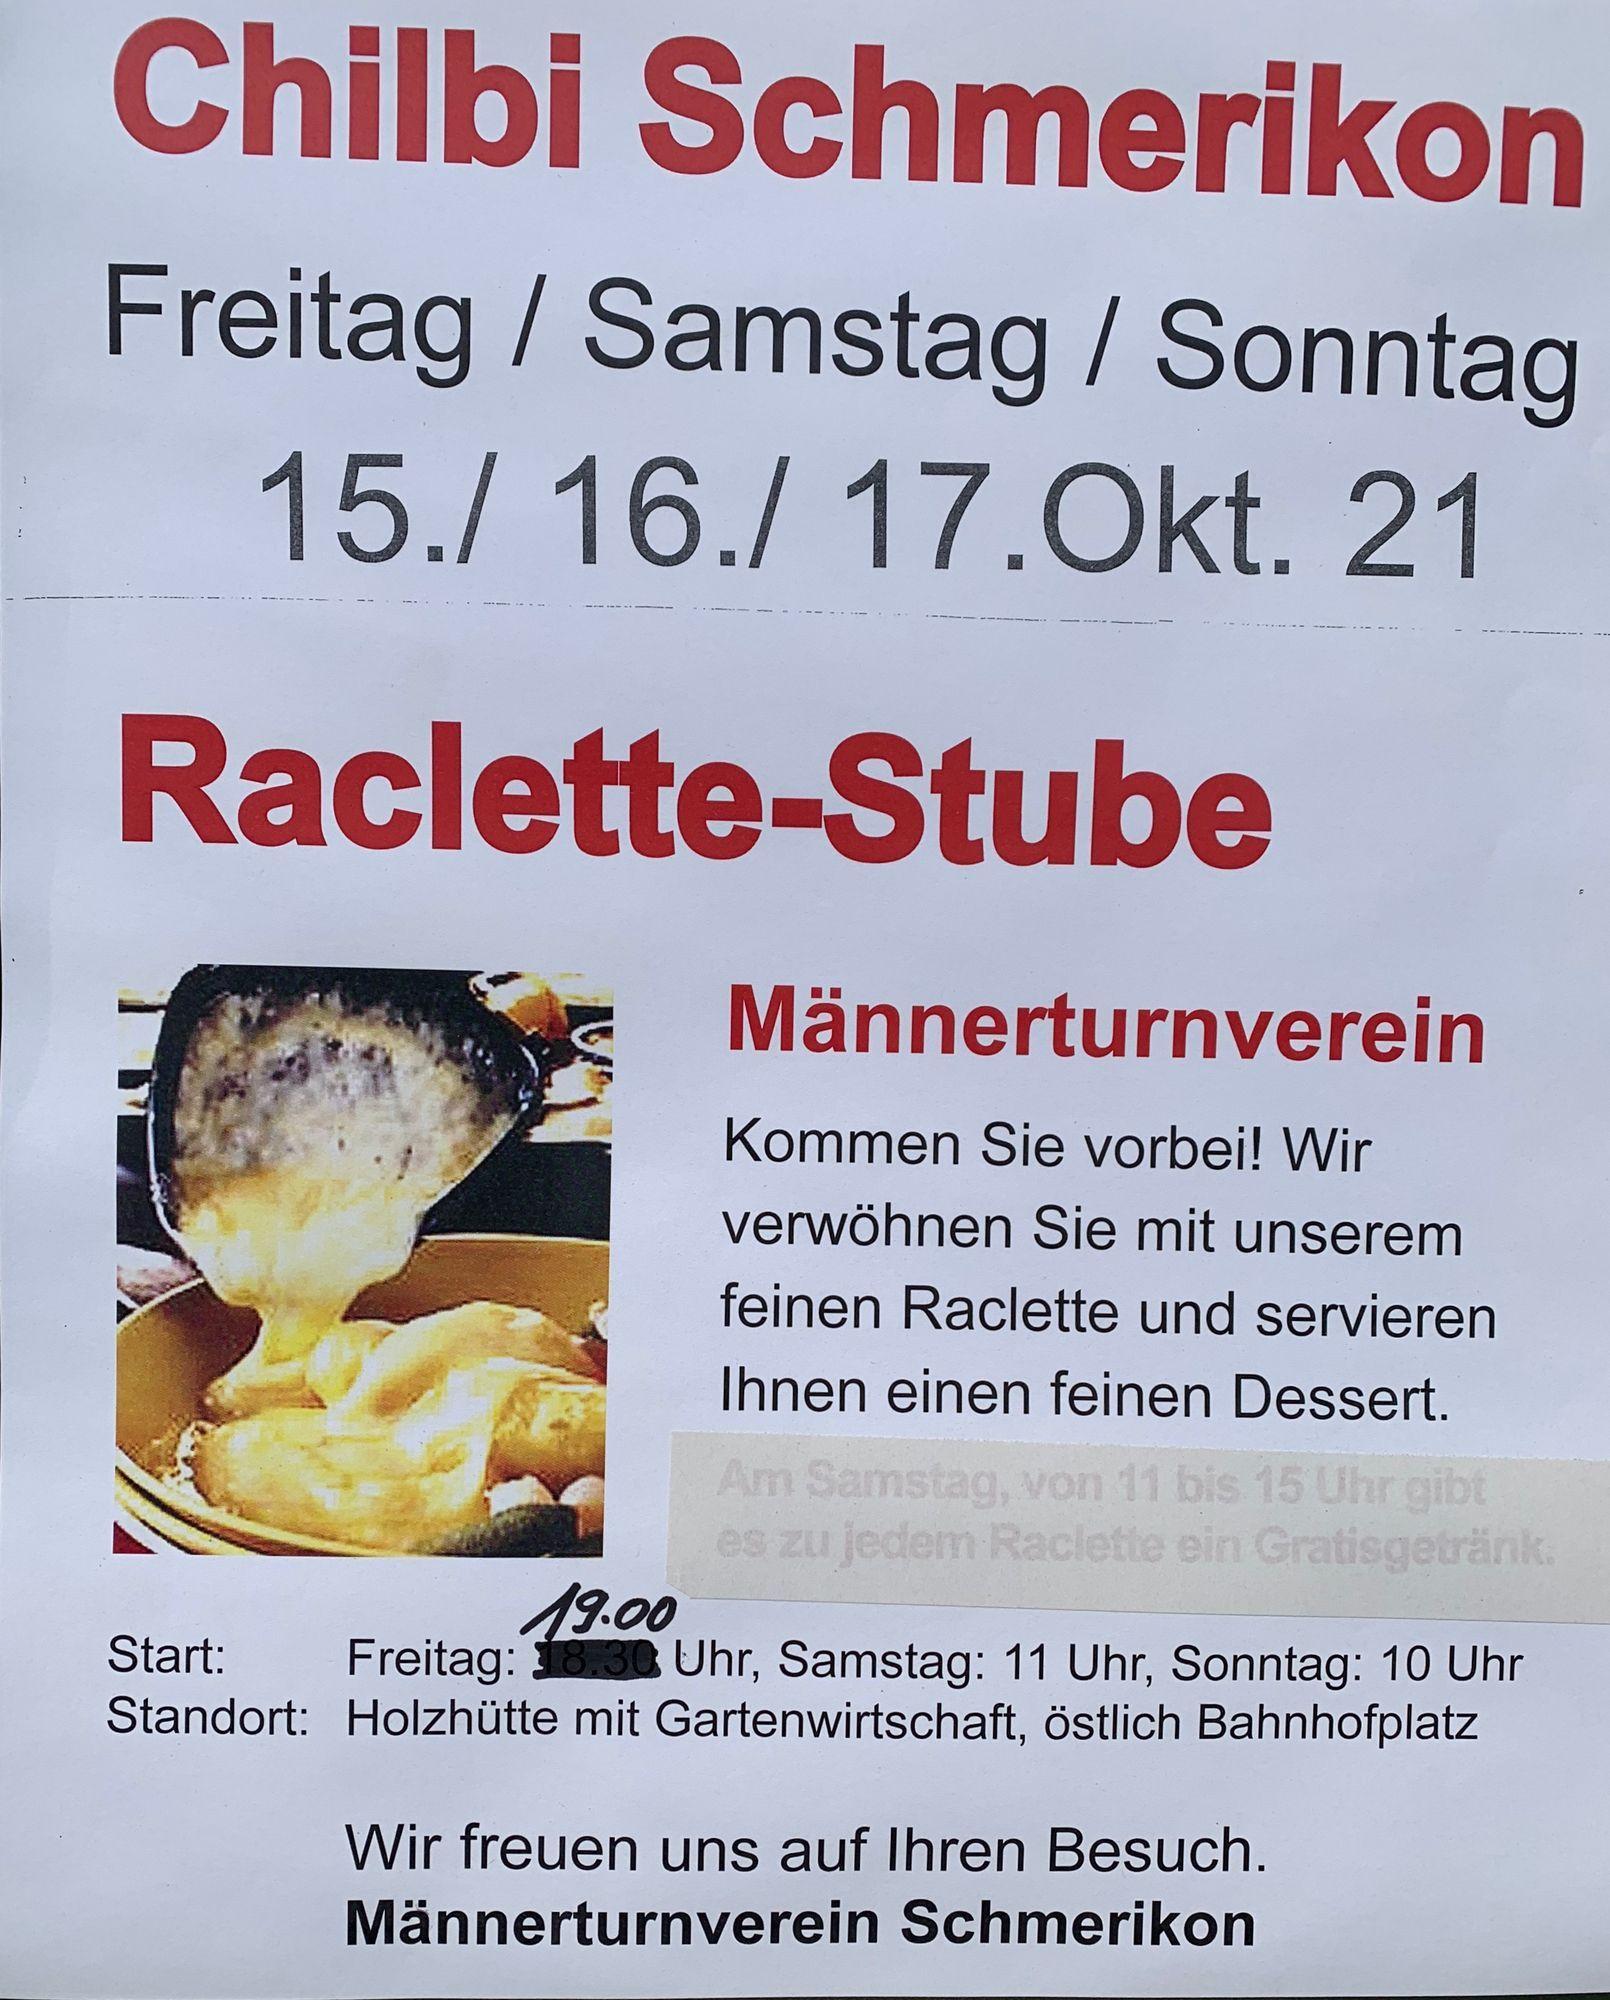 Flyer Raclette-Stube vom Männerturnverein an der Schmerkner Chilbi 2021